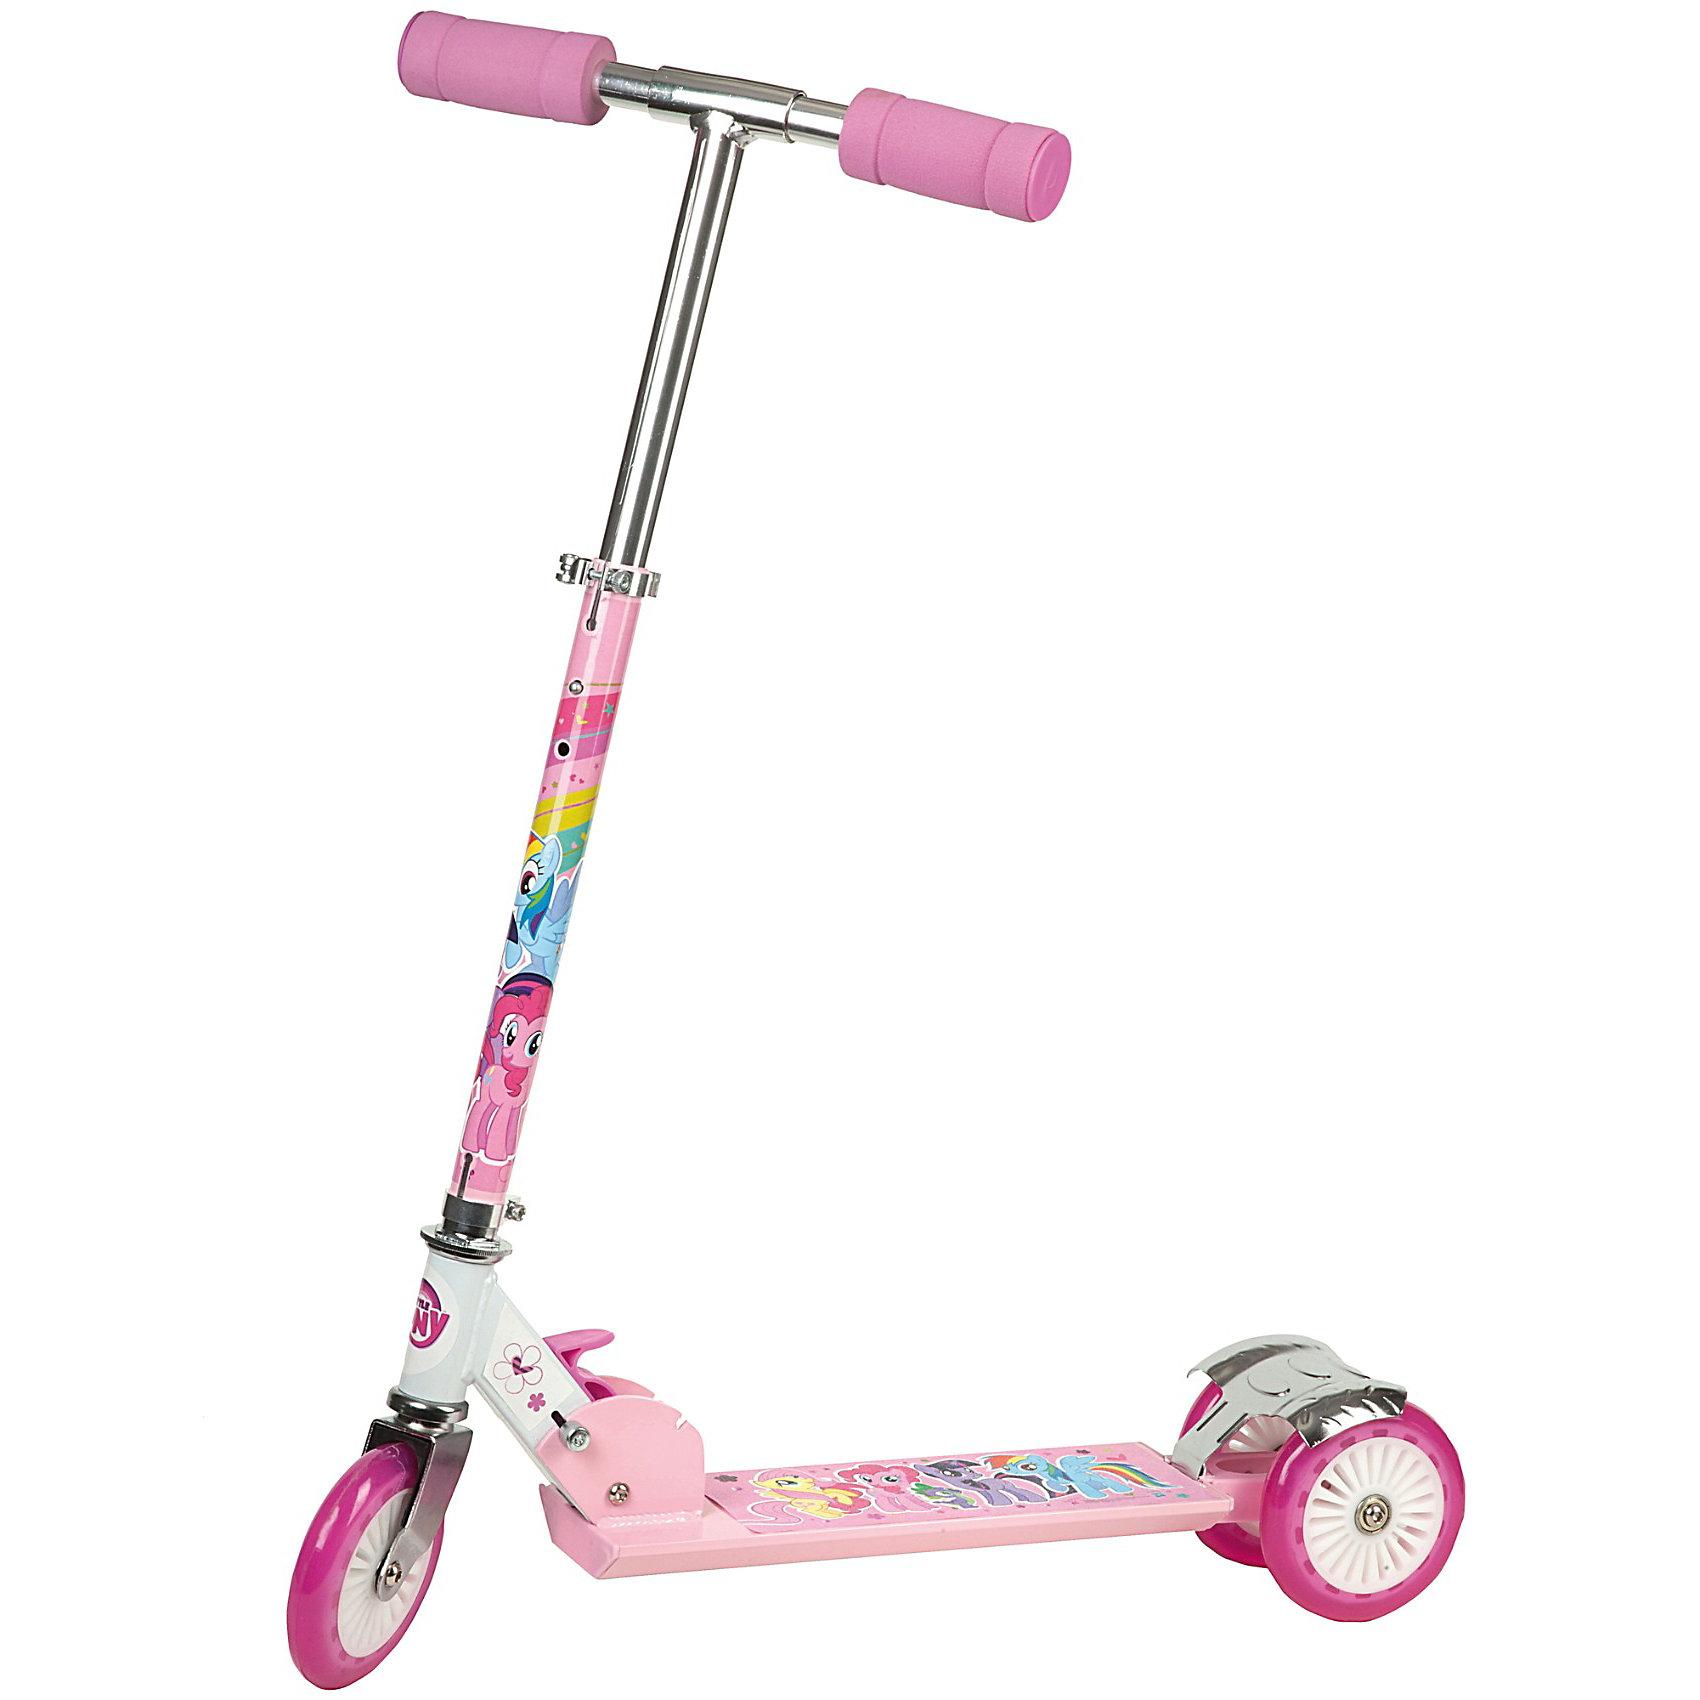 Самокат 3-х колесный My Little Pony, 50 % алюминийСамокаты<br>Яркий и красивый трехколесный самокат для девочек, с изображением героев популярного детского мультфильма My Little Pony .<br>Этот самокат подходит даже самым юным, начинающим спортсменам, поскольку снабжен тремя колесами, а следовательно - более устойчивый. Он непременно порадует вашего ребенка как привлекательным дизайном, так и своими спортивными возможностями.<br><br>Катание на самокате - не только веселое, но и полезное занятие, поскольку способуствует улучшению координации движений и общей физической подготовки вашего ребенка!<br><br>Дополнительная информация:<br><br>- Материал рамы: на 50% состоит из алюминия<br>- Колеса: с полиуретановым покрытием диаметром 120 мм<br>- Подшипники в колесах типа ABEC-5<br>- Размер платформы: 34 х 9,4см<br>- Самокат снабжен ножным тормозом над задним колесом.<br><br>Самокат 3-х колесный My Little Pony, 50 % алюминий можно купить в нашем магазине.<br><br>Ширина мм: 580<br>Глубина мм: 94<br>Высота мм: 340<br>Вес г: 5667<br>Возраст от месяцев: 60<br>Возраст до месяцев: 120<br>Пол: Женский<br>Возраст: Детский<br>SKU: 3140947